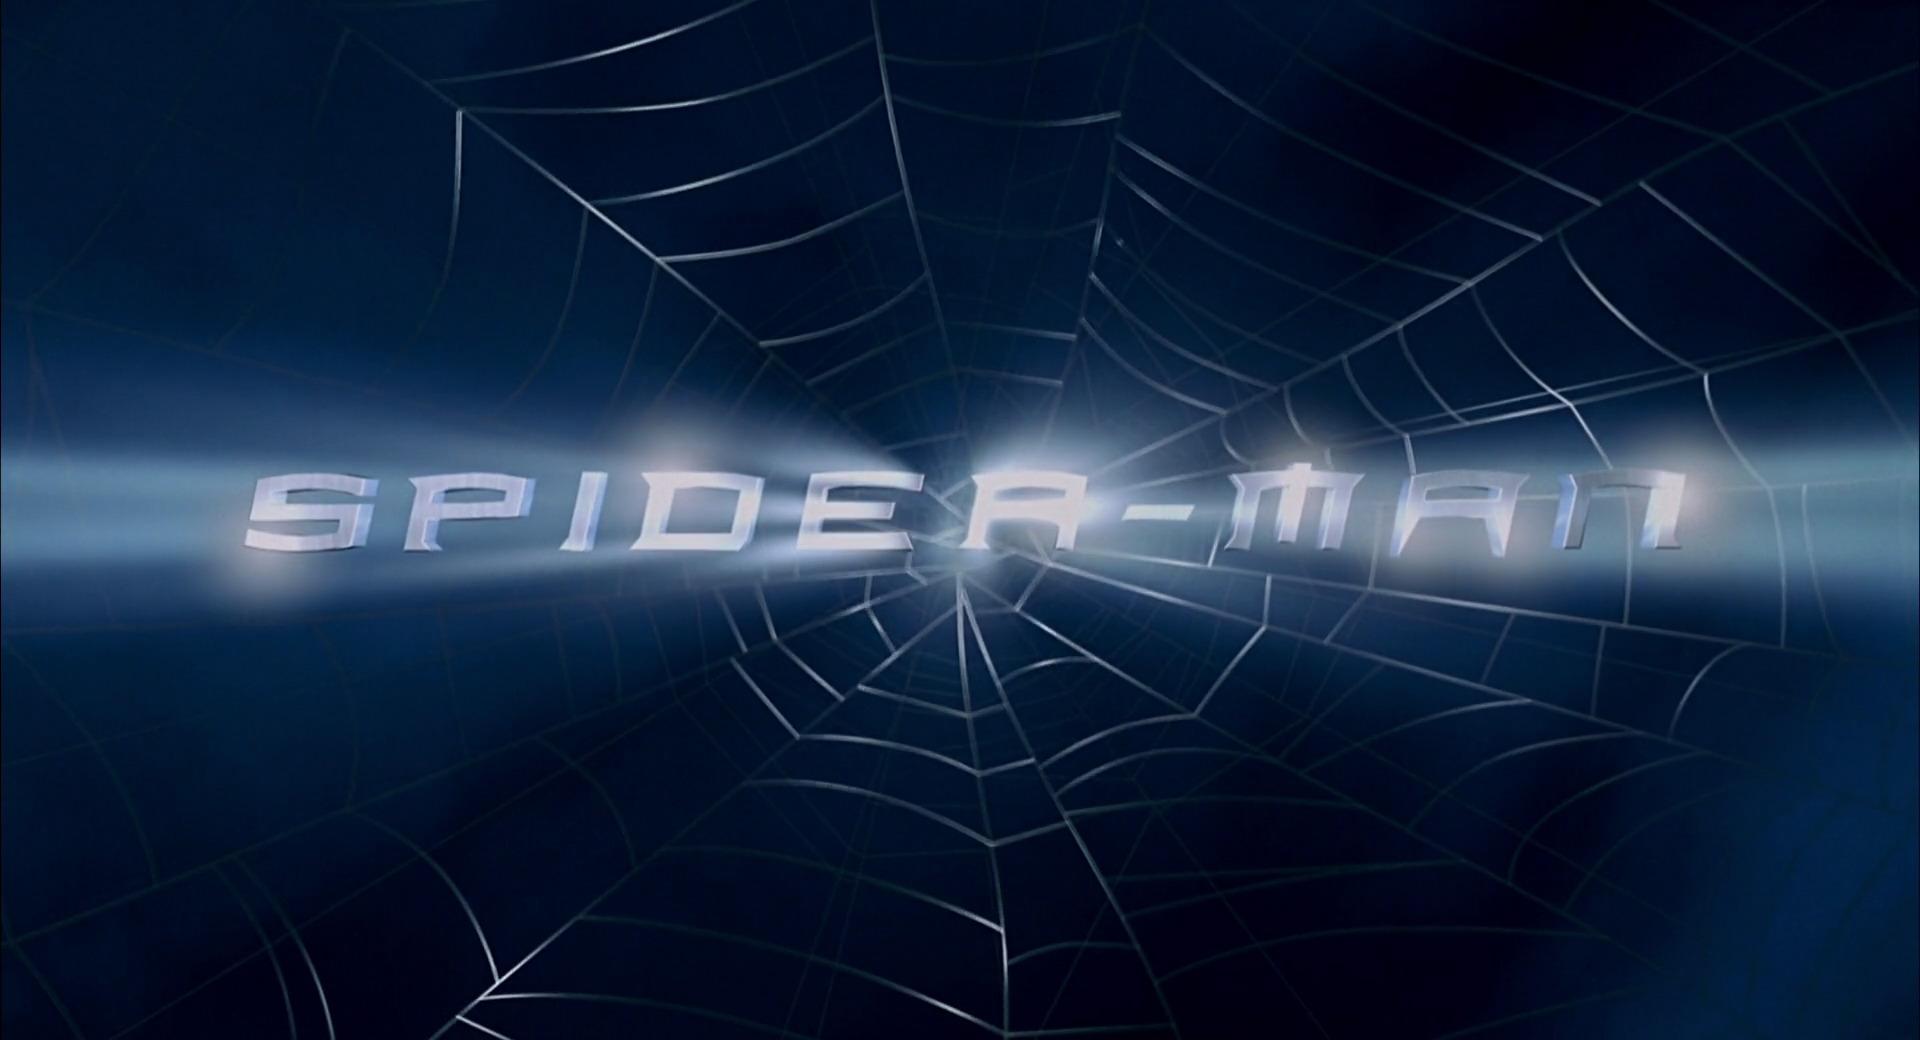 Fast And Furious 3 Full Movie >> Spider-Man (2002) - Movie Screencaps.com